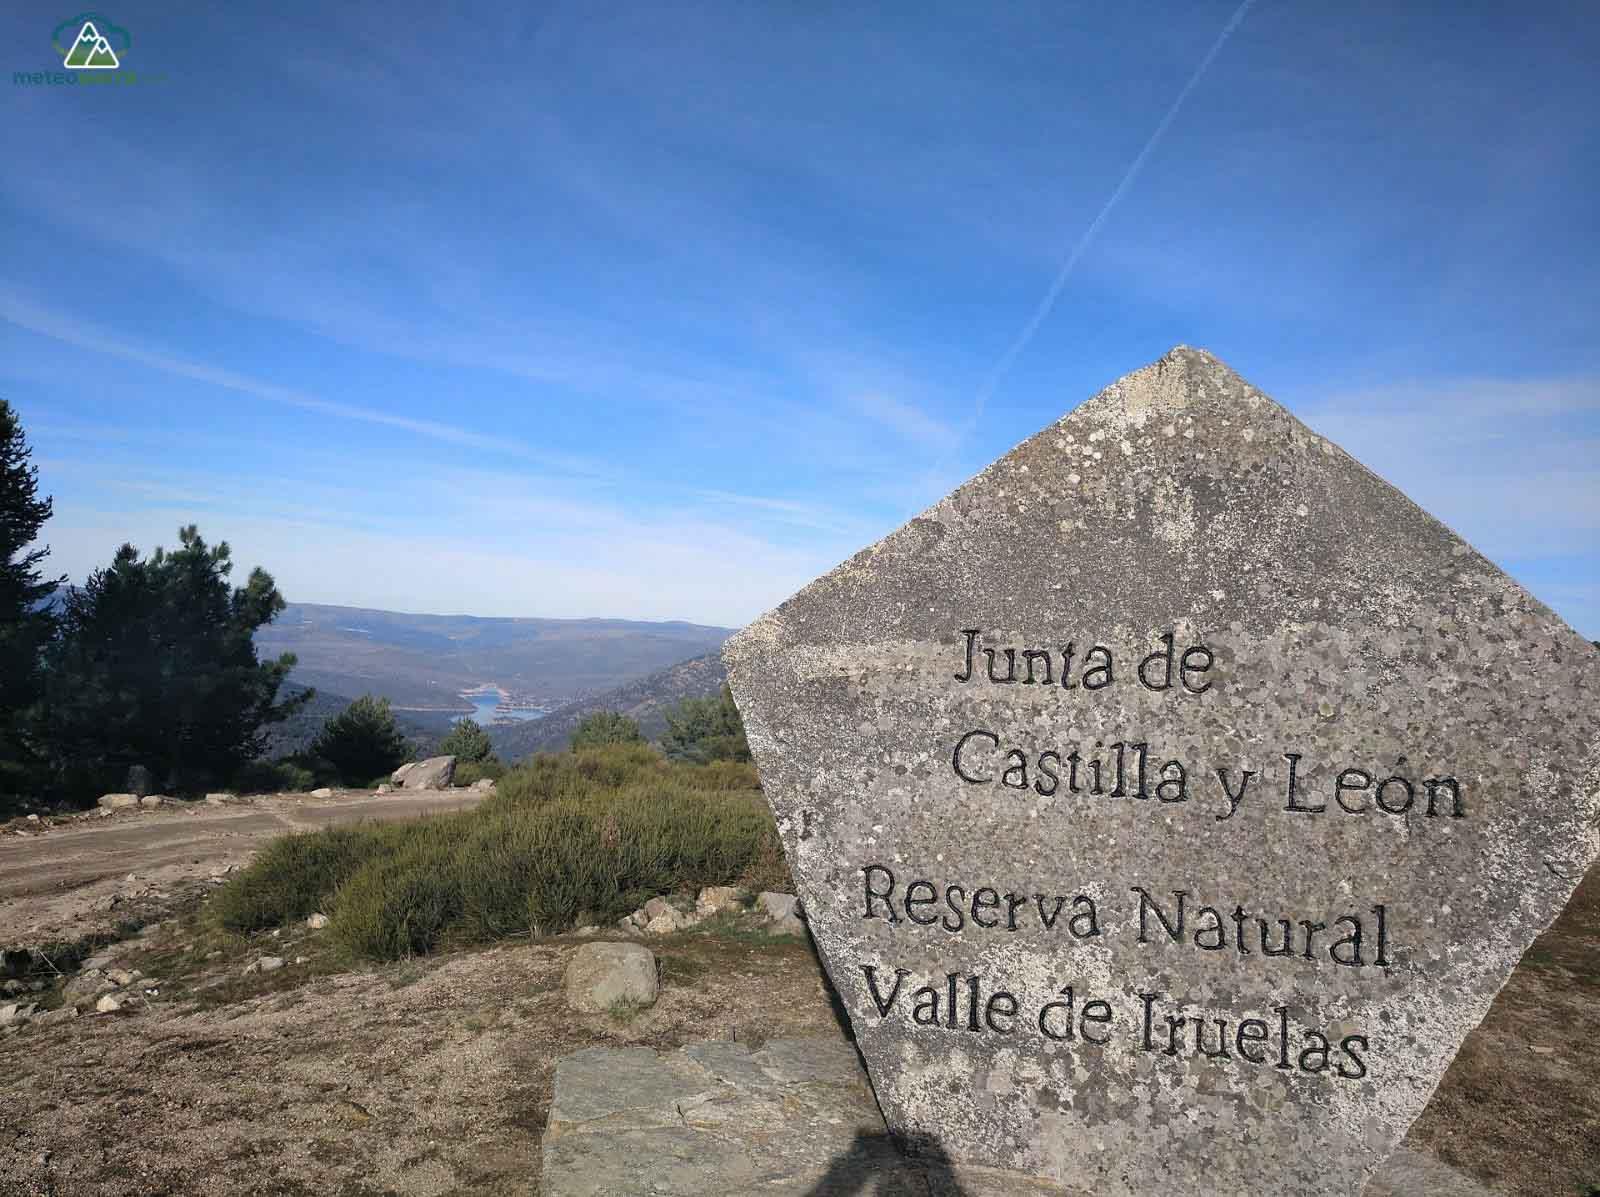 Puerto de Casillas (1467 m)